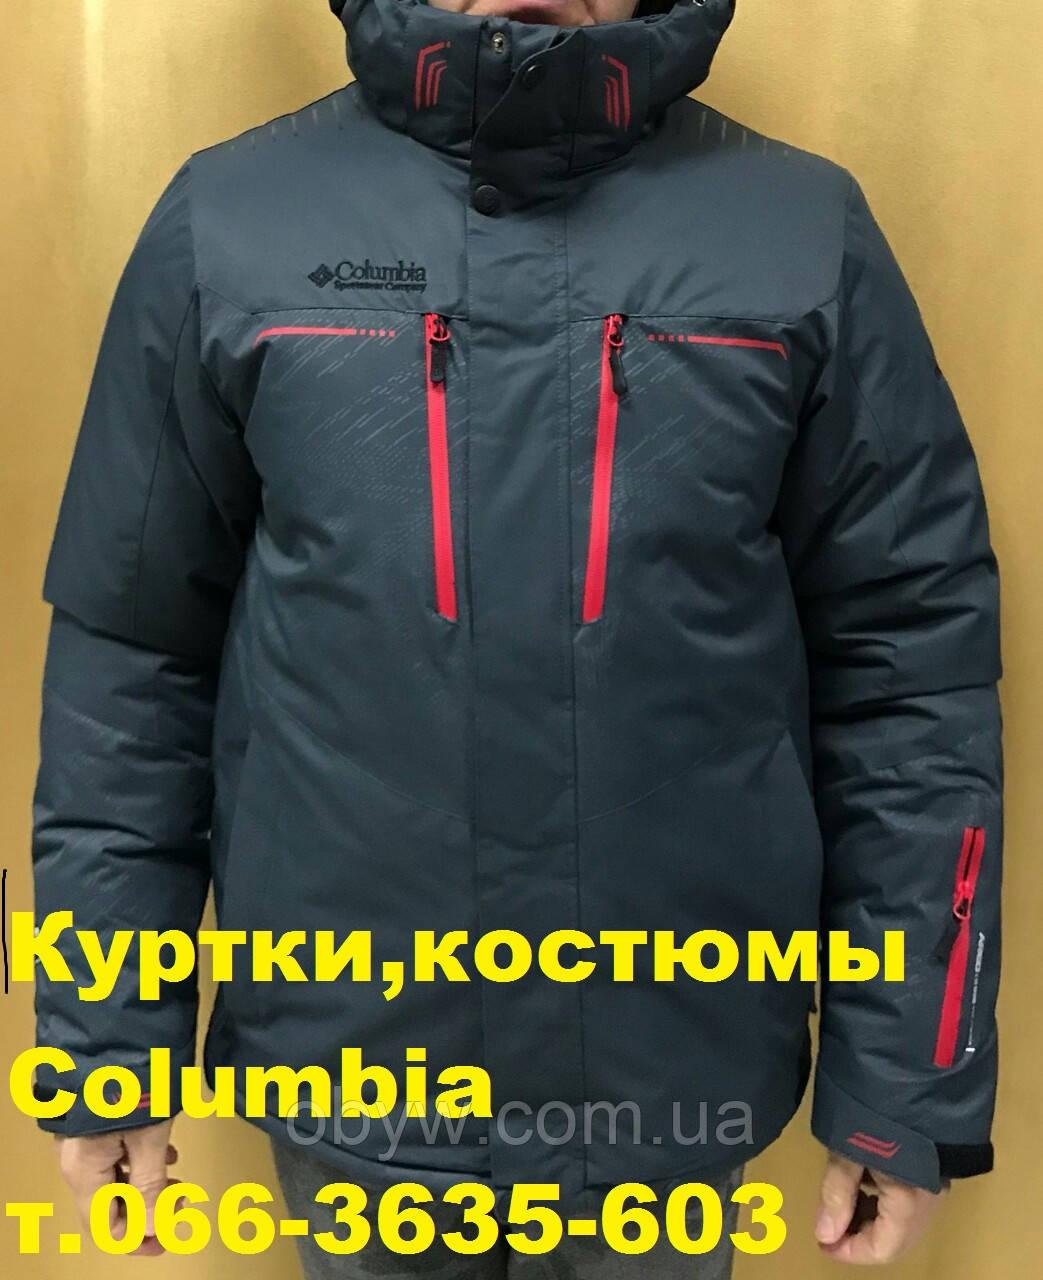 Куртки мужские Columbiia любые размеры в наличии